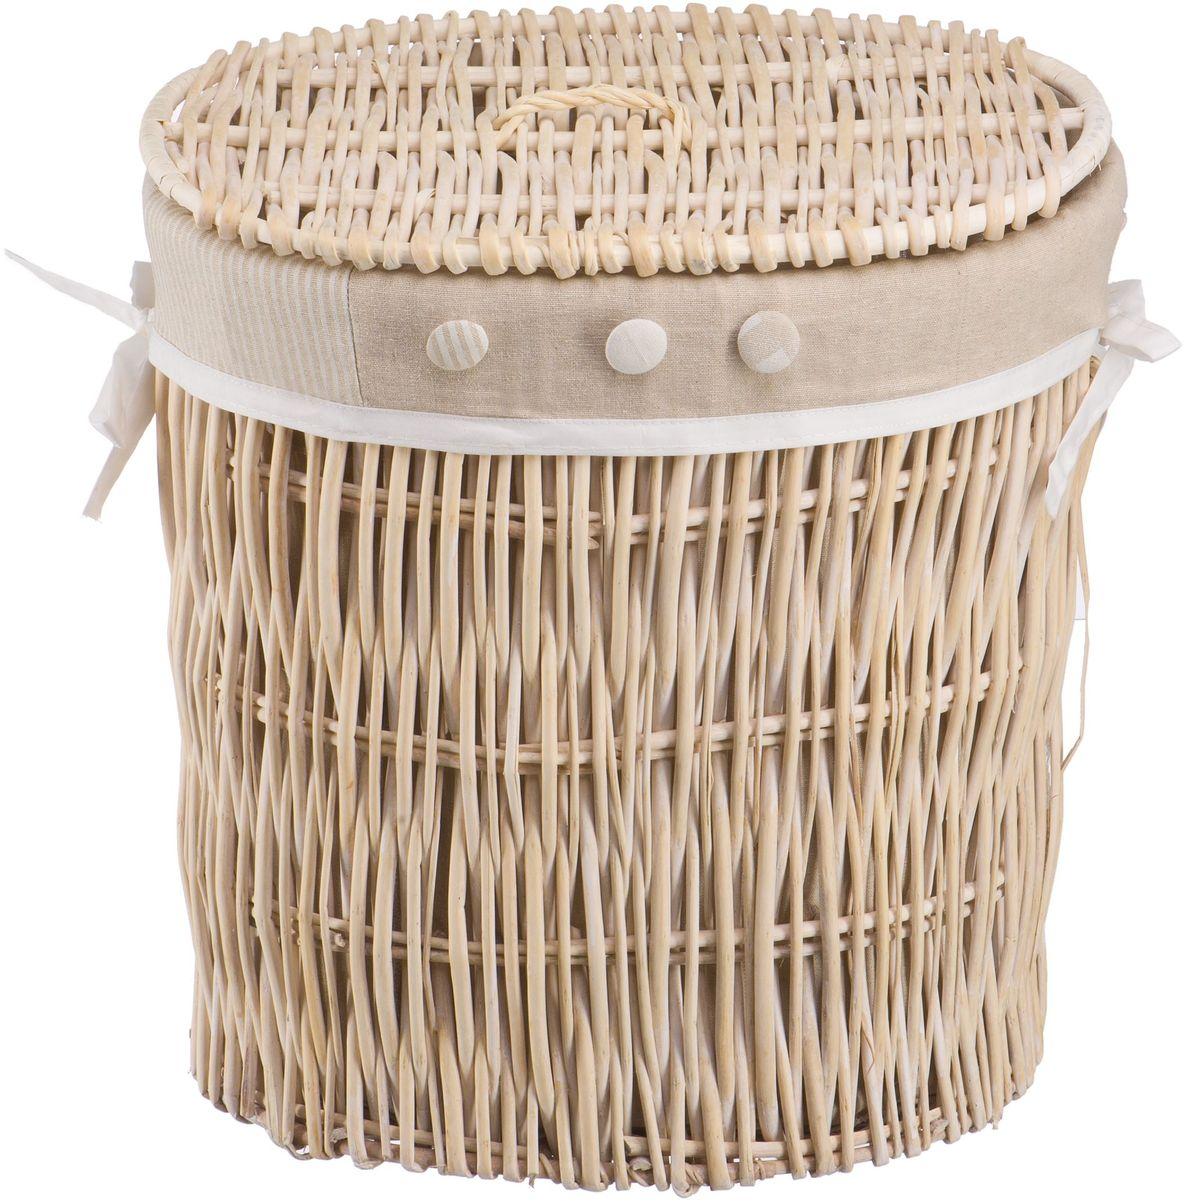 Корзина для белья Natural House Пуговка, цвет: молочный, 43 х 34 х 45 смEW-21 MБельевая корзина Natural House из лозы ивы не только удобна, практична, но и прекрасно выглядит. Высокое качество и натуральные материалы гармонично сочетаются и создают в доме уют и теплое настроение.В комплекте с корзиной идет съемный чехол, который легко снимается и стирается.